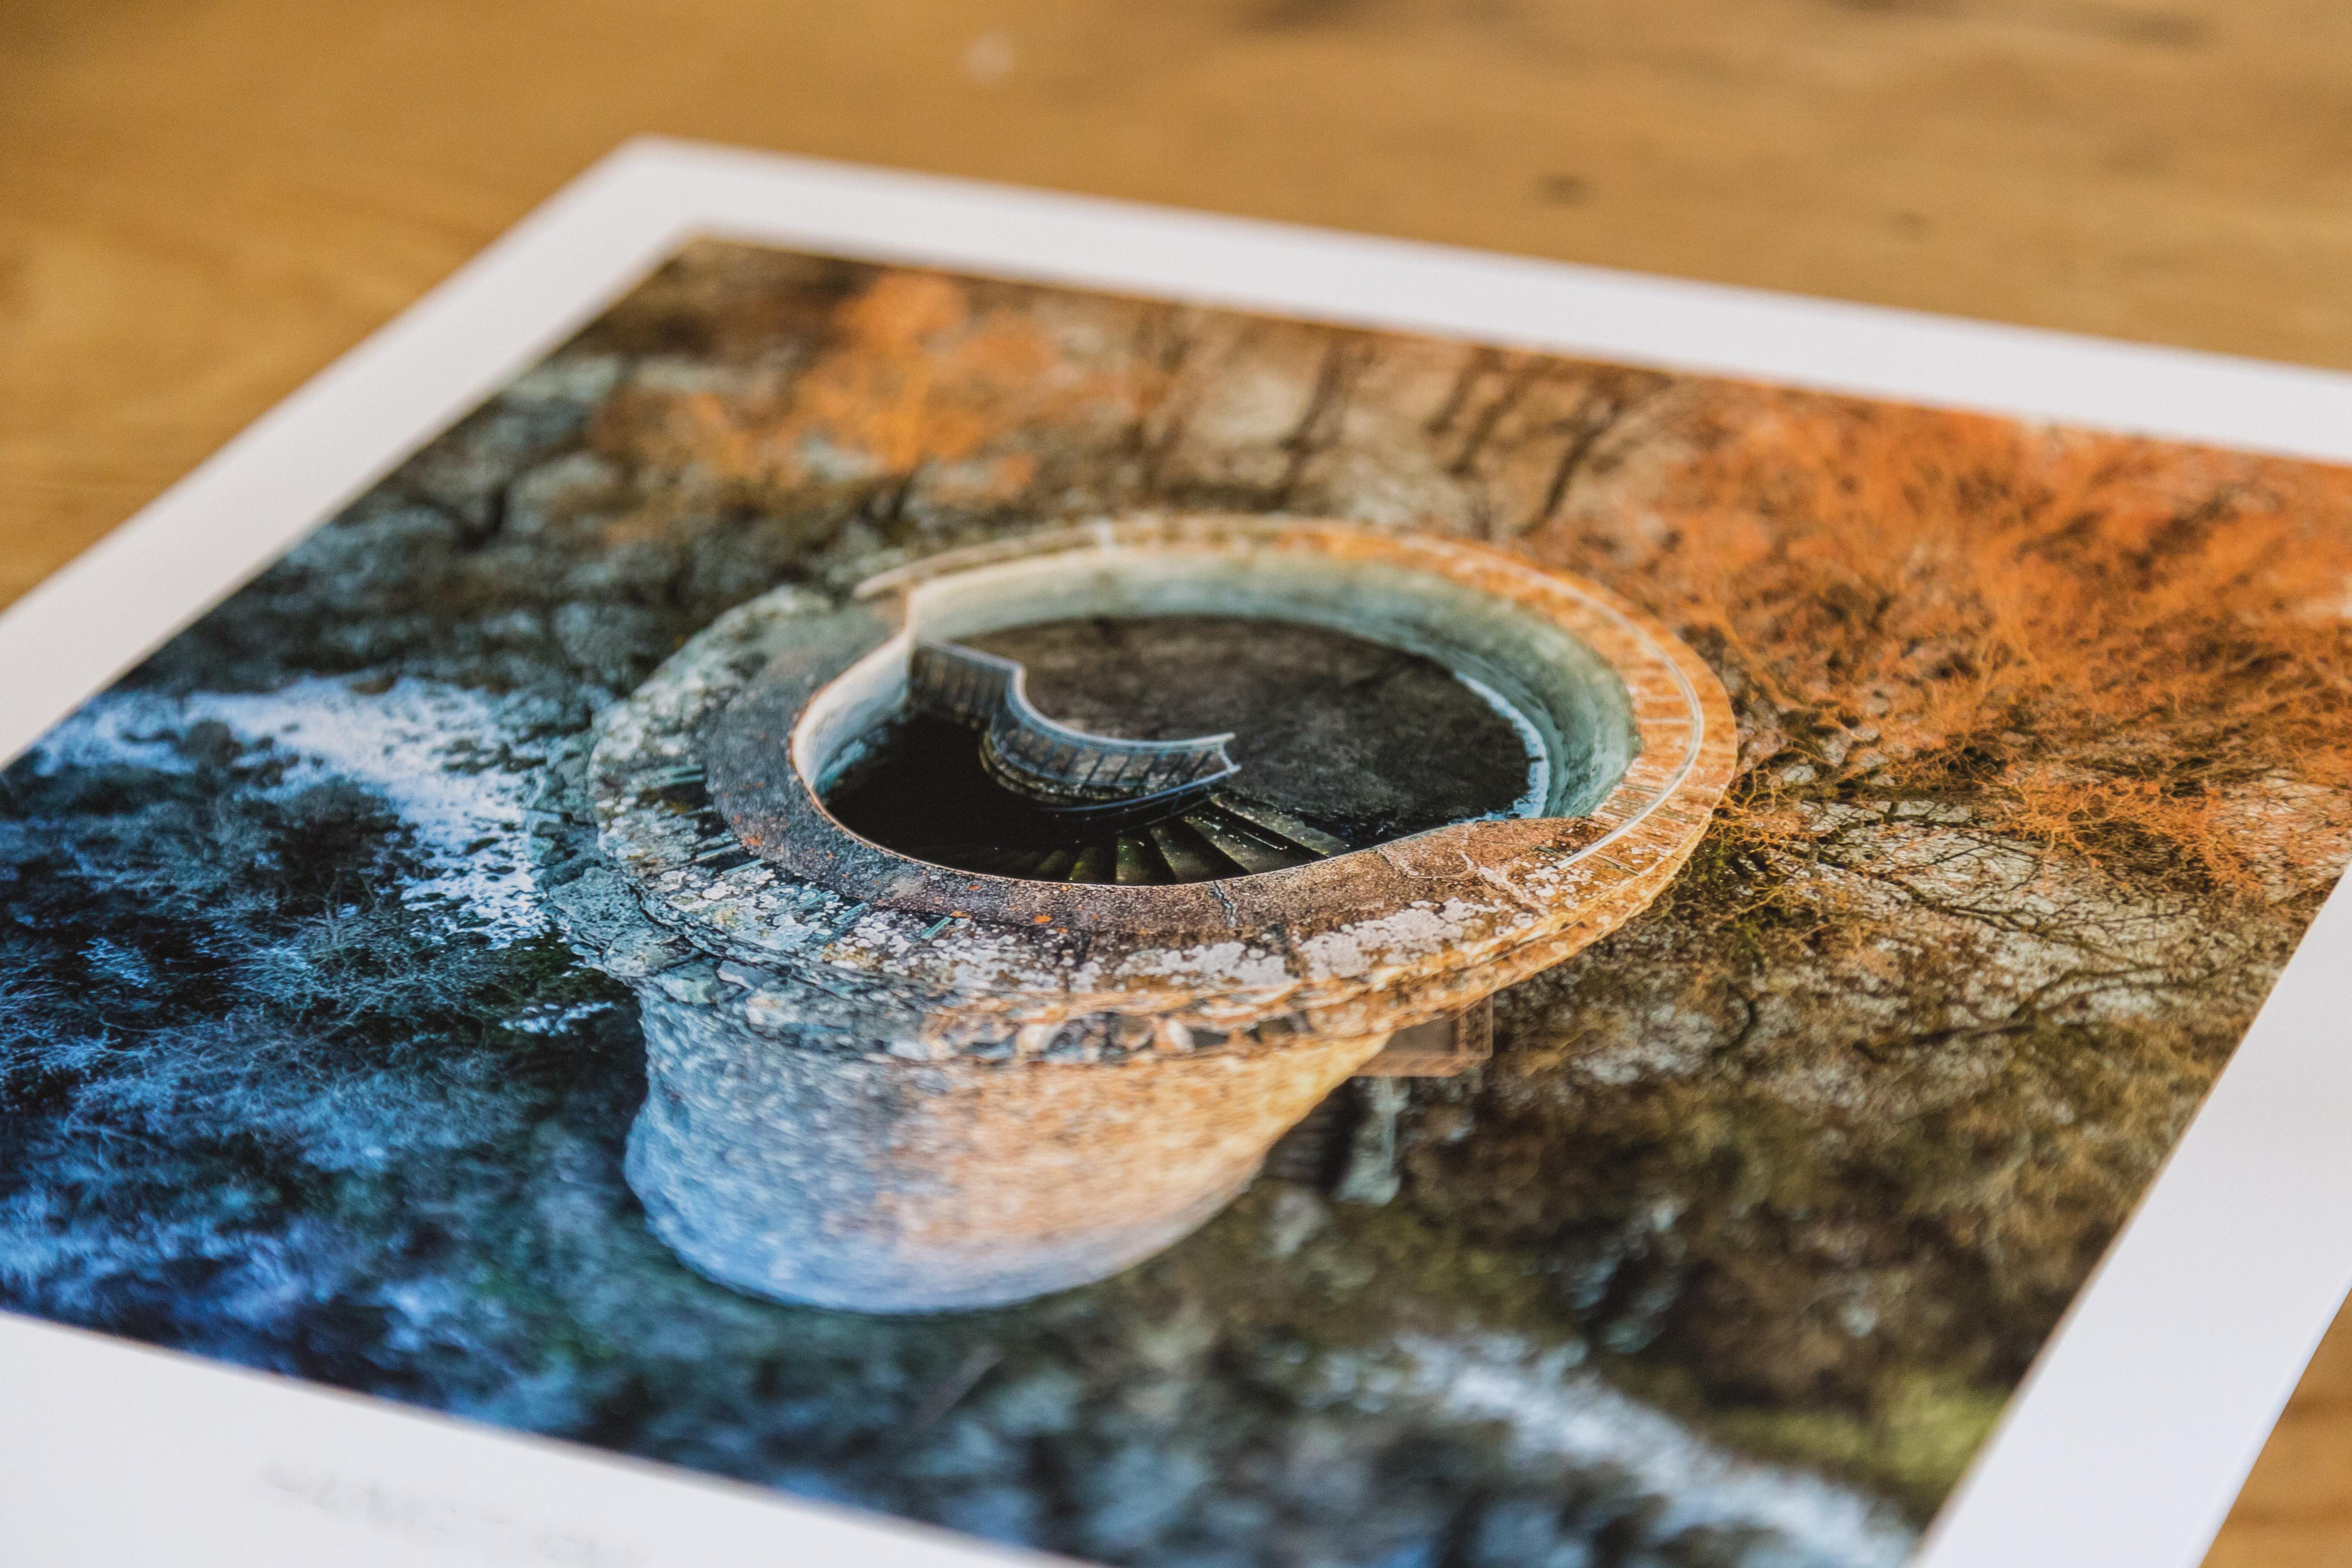 Kunstdruck Hainig Lauterbach | Designakrobat